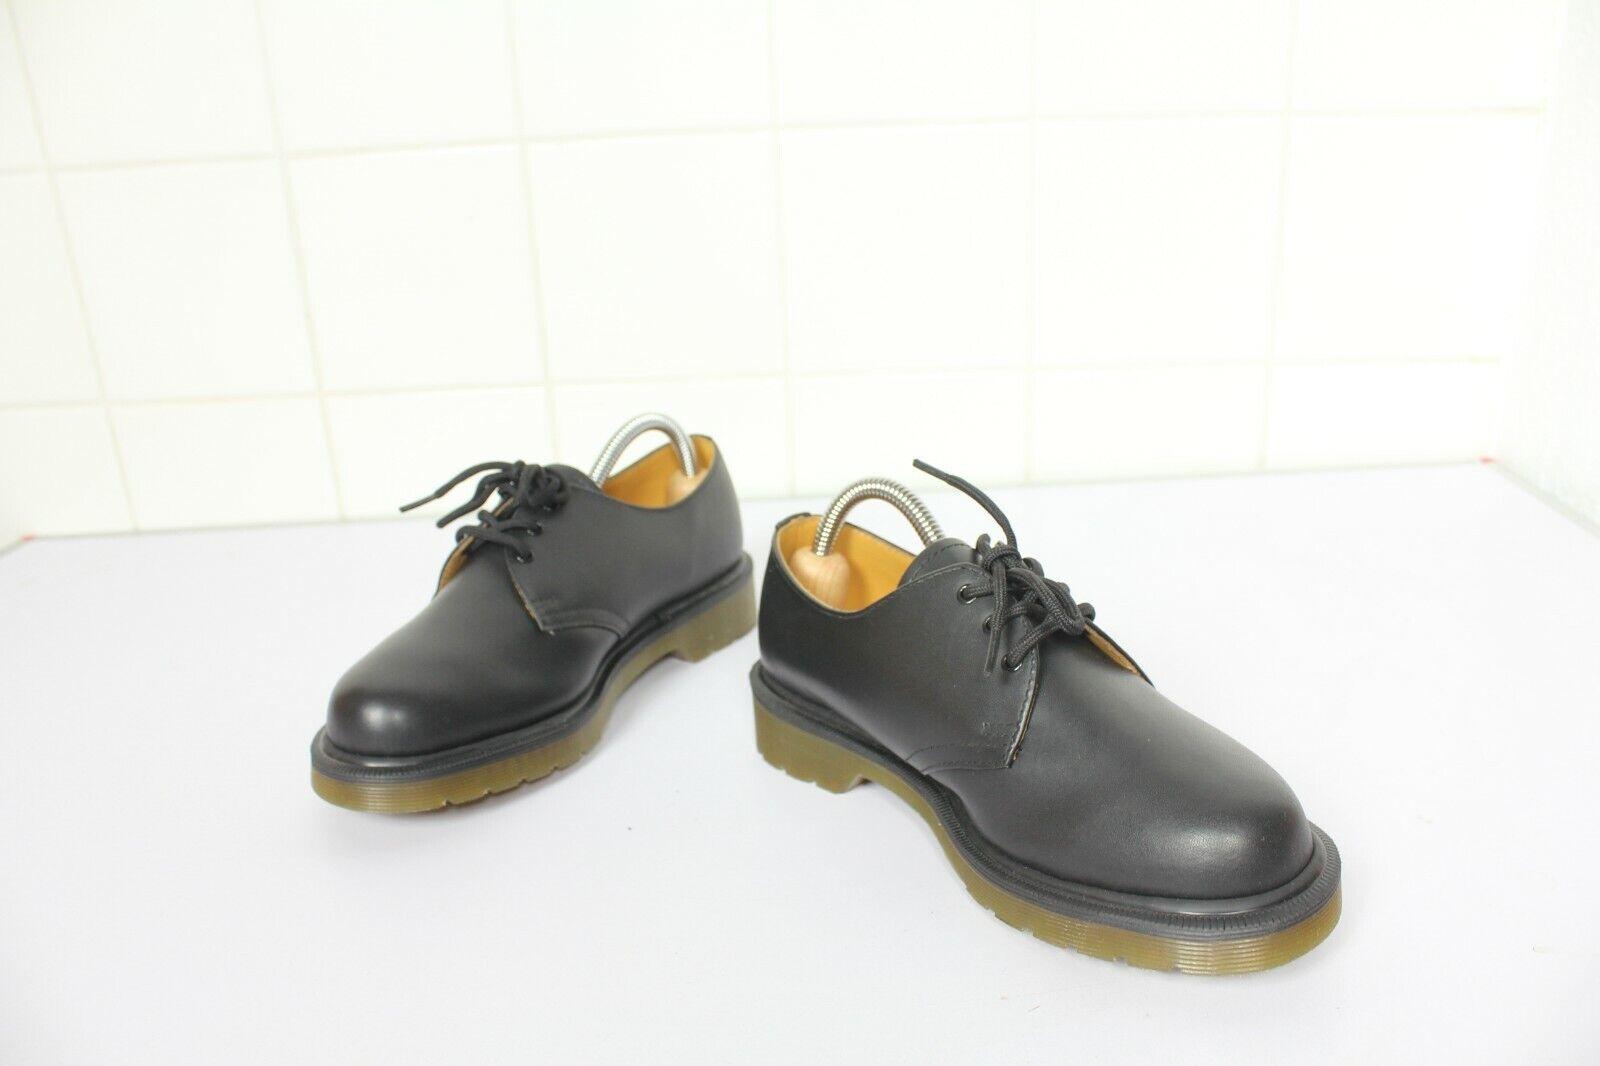 Dr. Martens Martens Martens Greasy elegante zapatos cuero genuino negro eu 37-uk 4 - nuevo sin cartón  te hará satisfecho